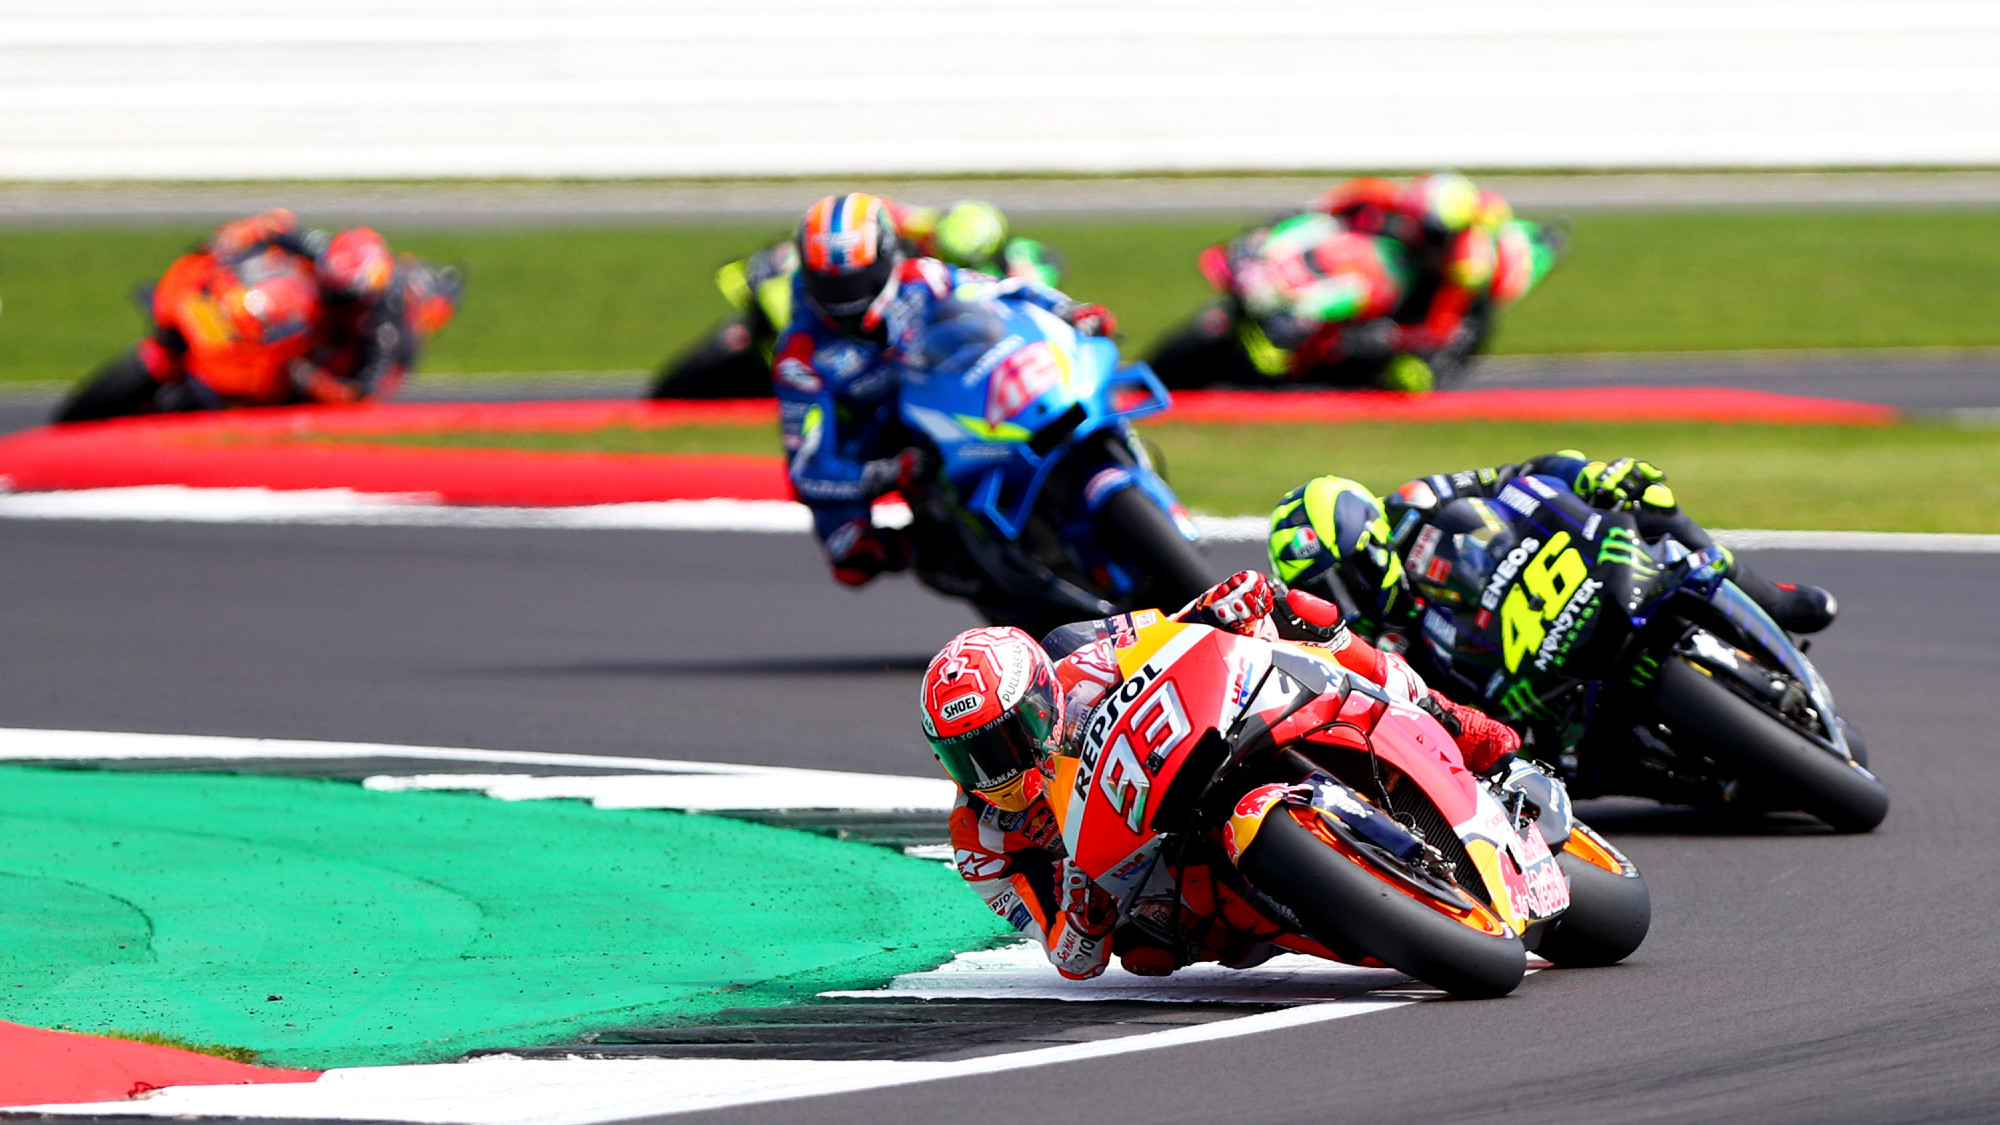 Marc Marquez, Valentino Rossi, 2019 British MotoGP